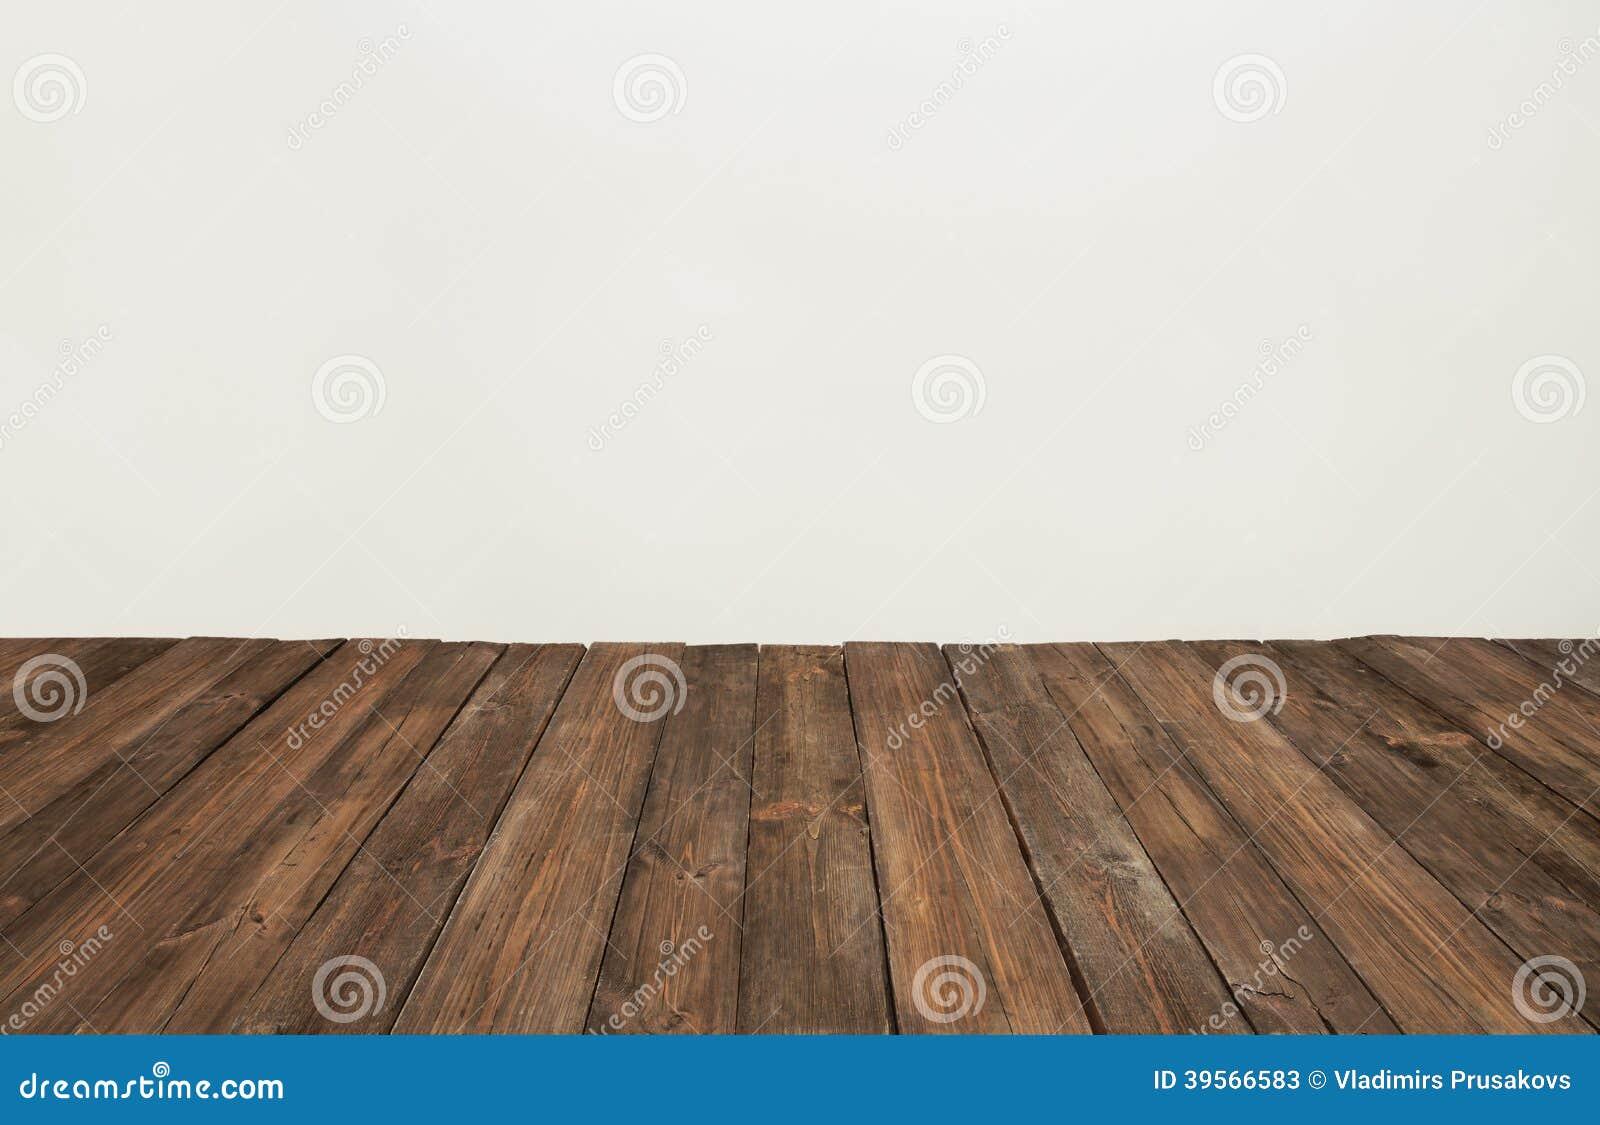 Plancher en bois vieille planche en bois int rieur brun de salle du conseil - Vieilles planches de bois ...